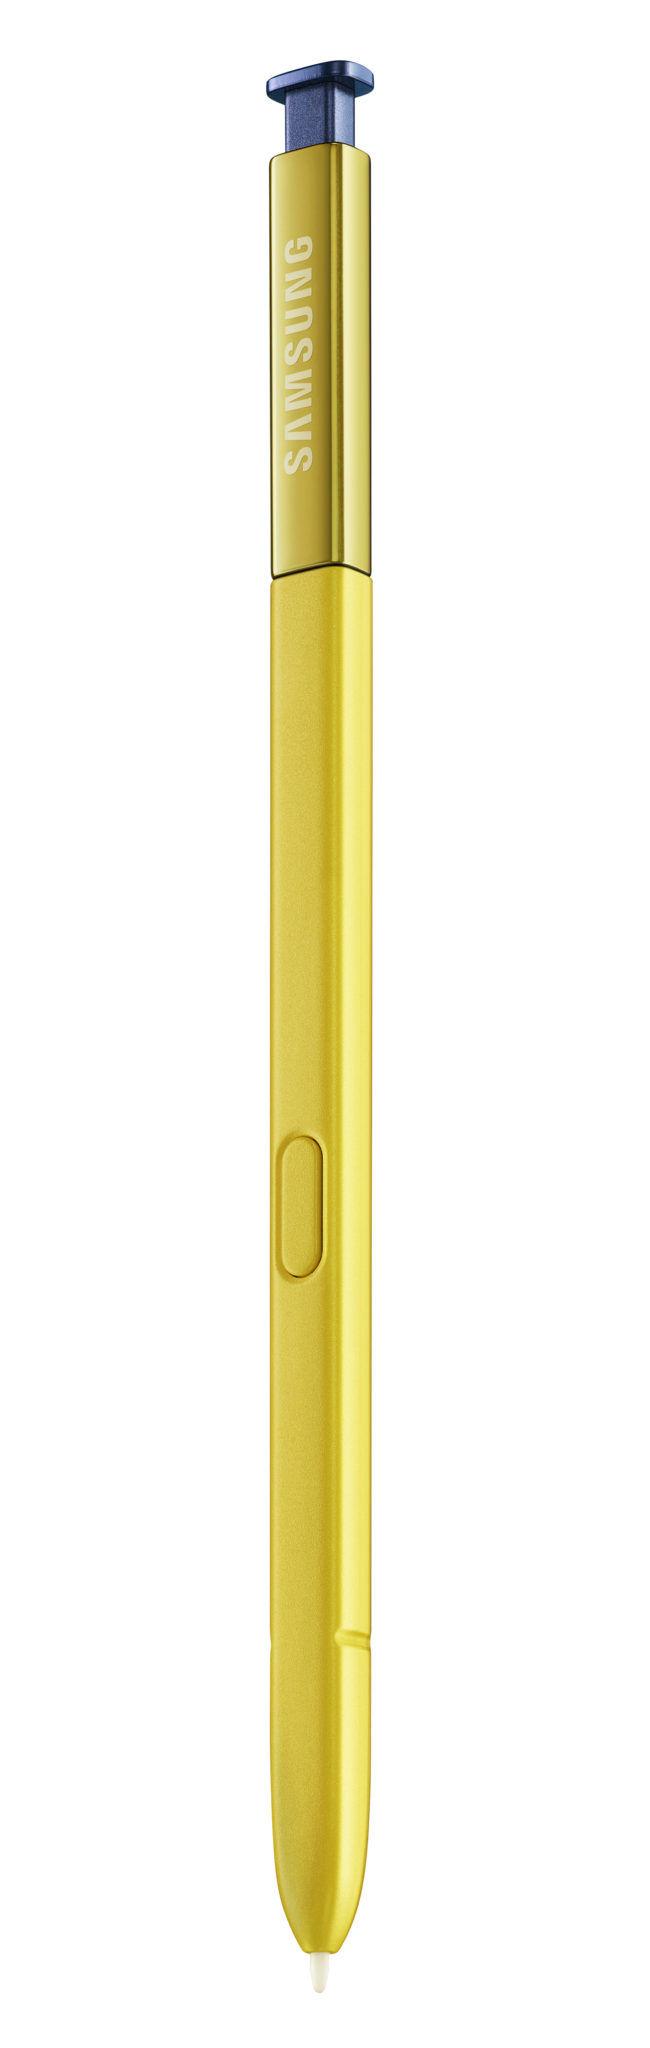 Samsung Galaxy Note 9 S-pen (2)